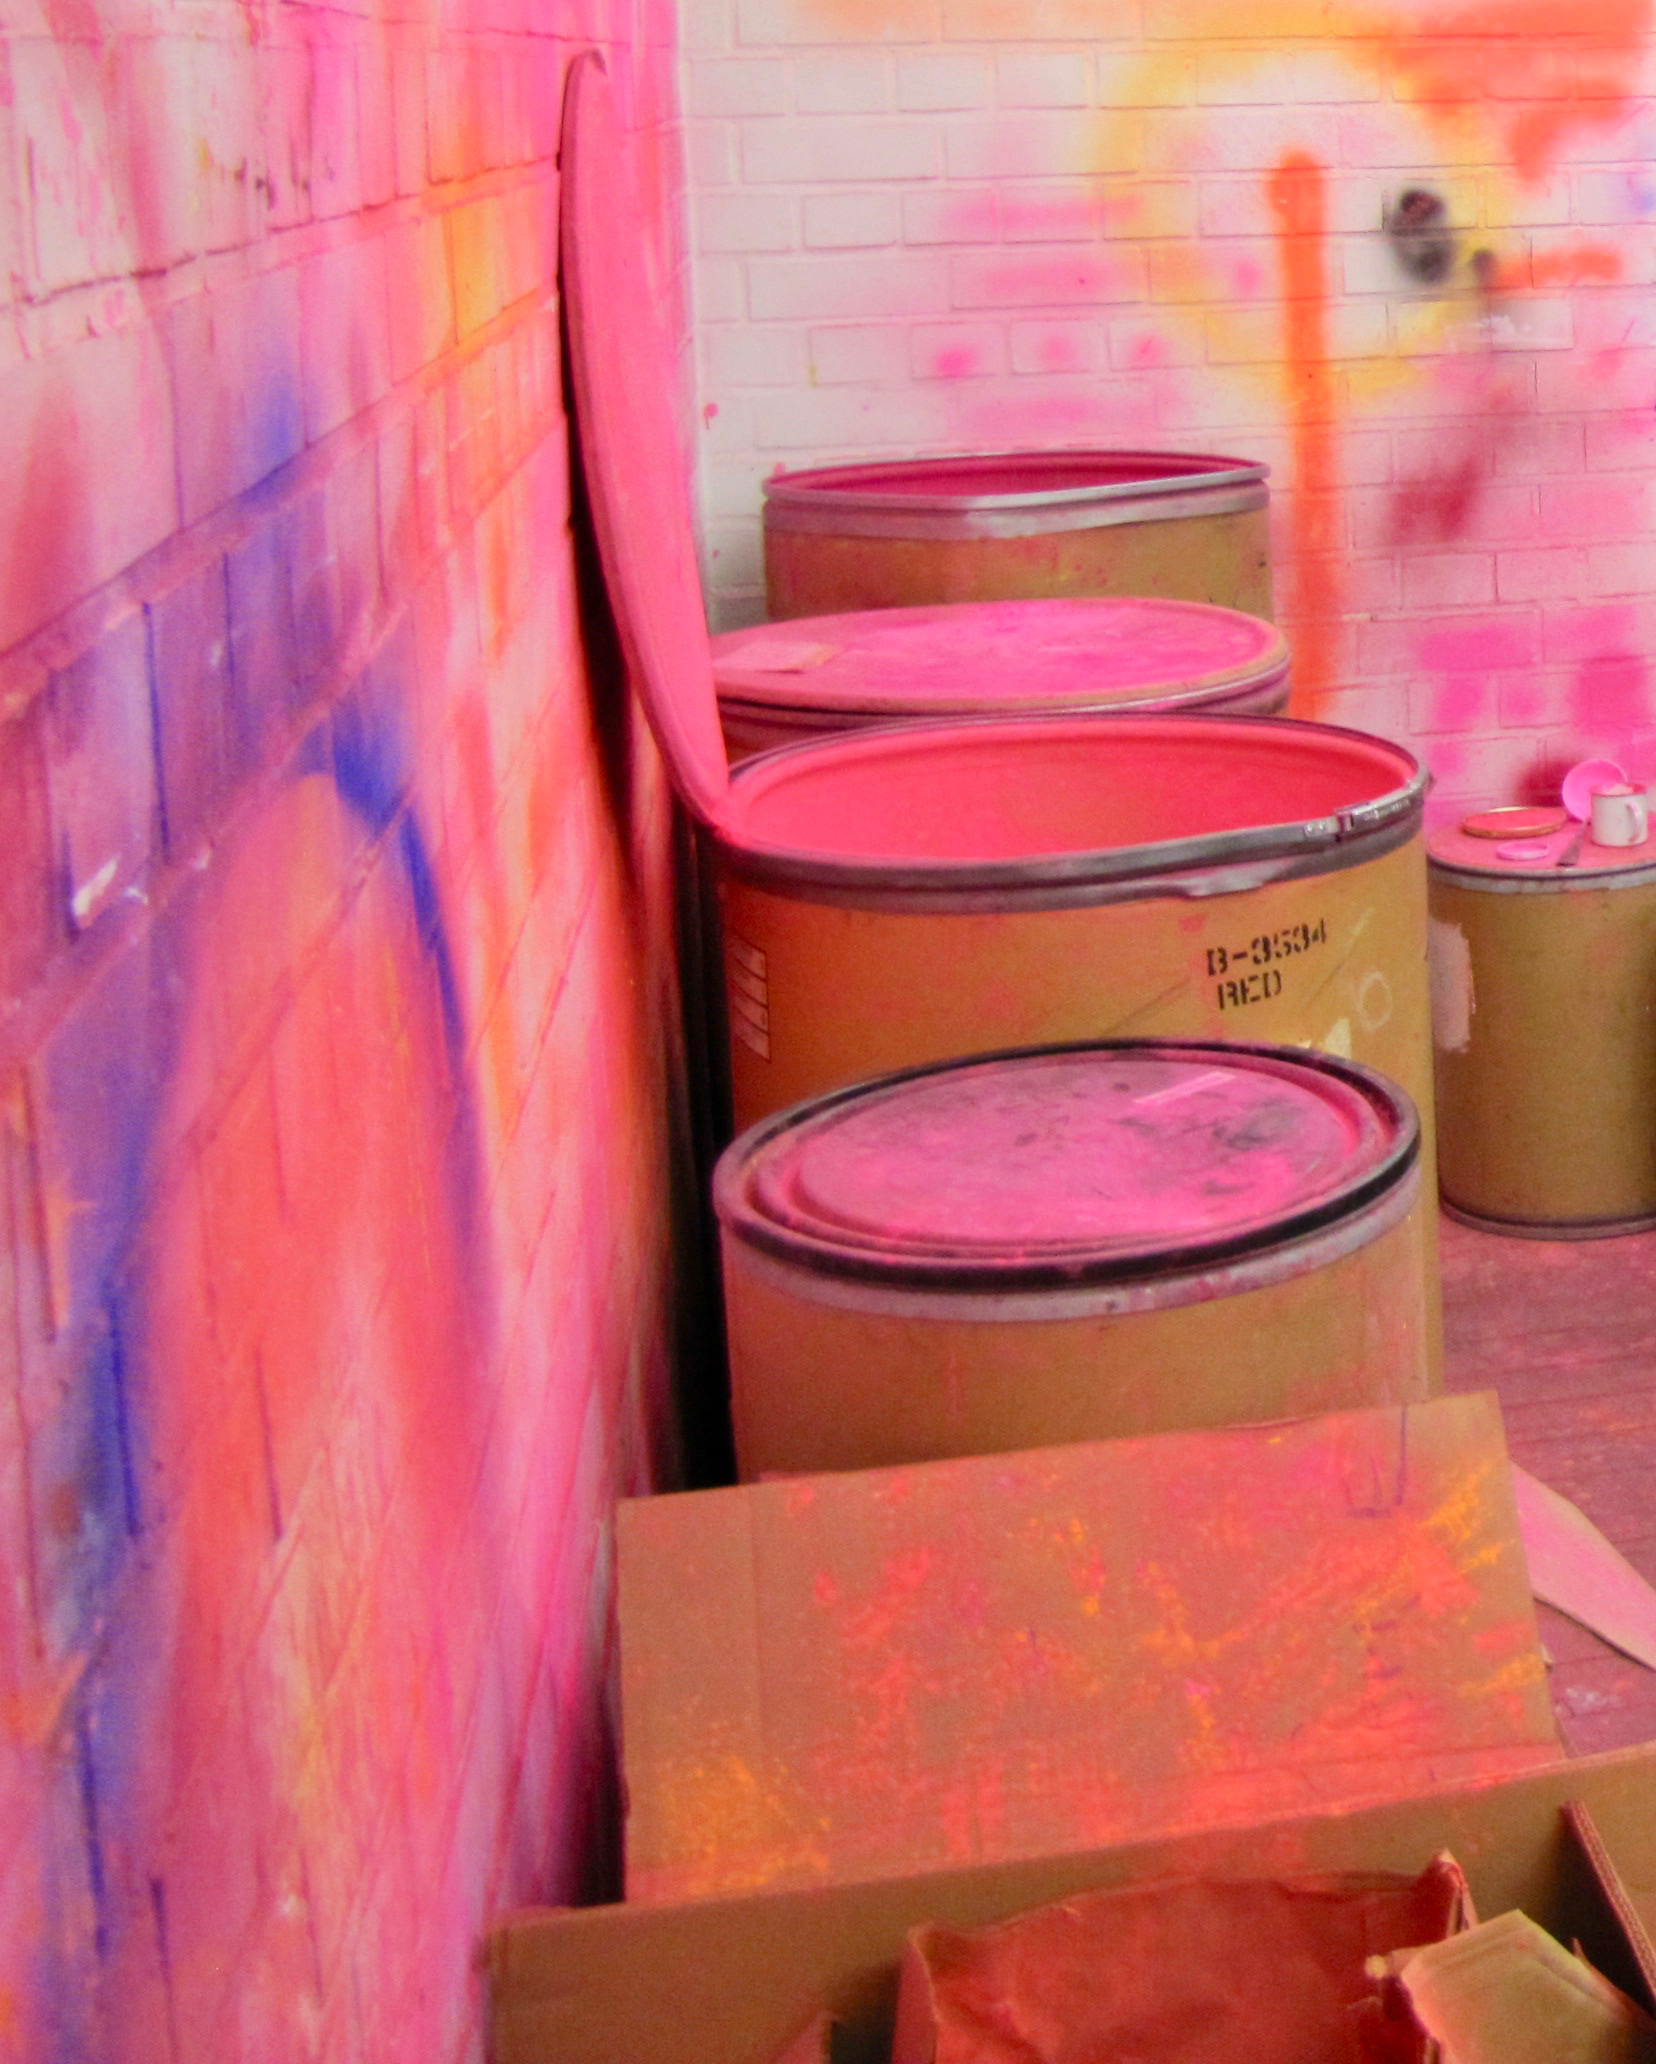 Pigment, Neonpink, Archiv Geiger, Rupprecht Geiger